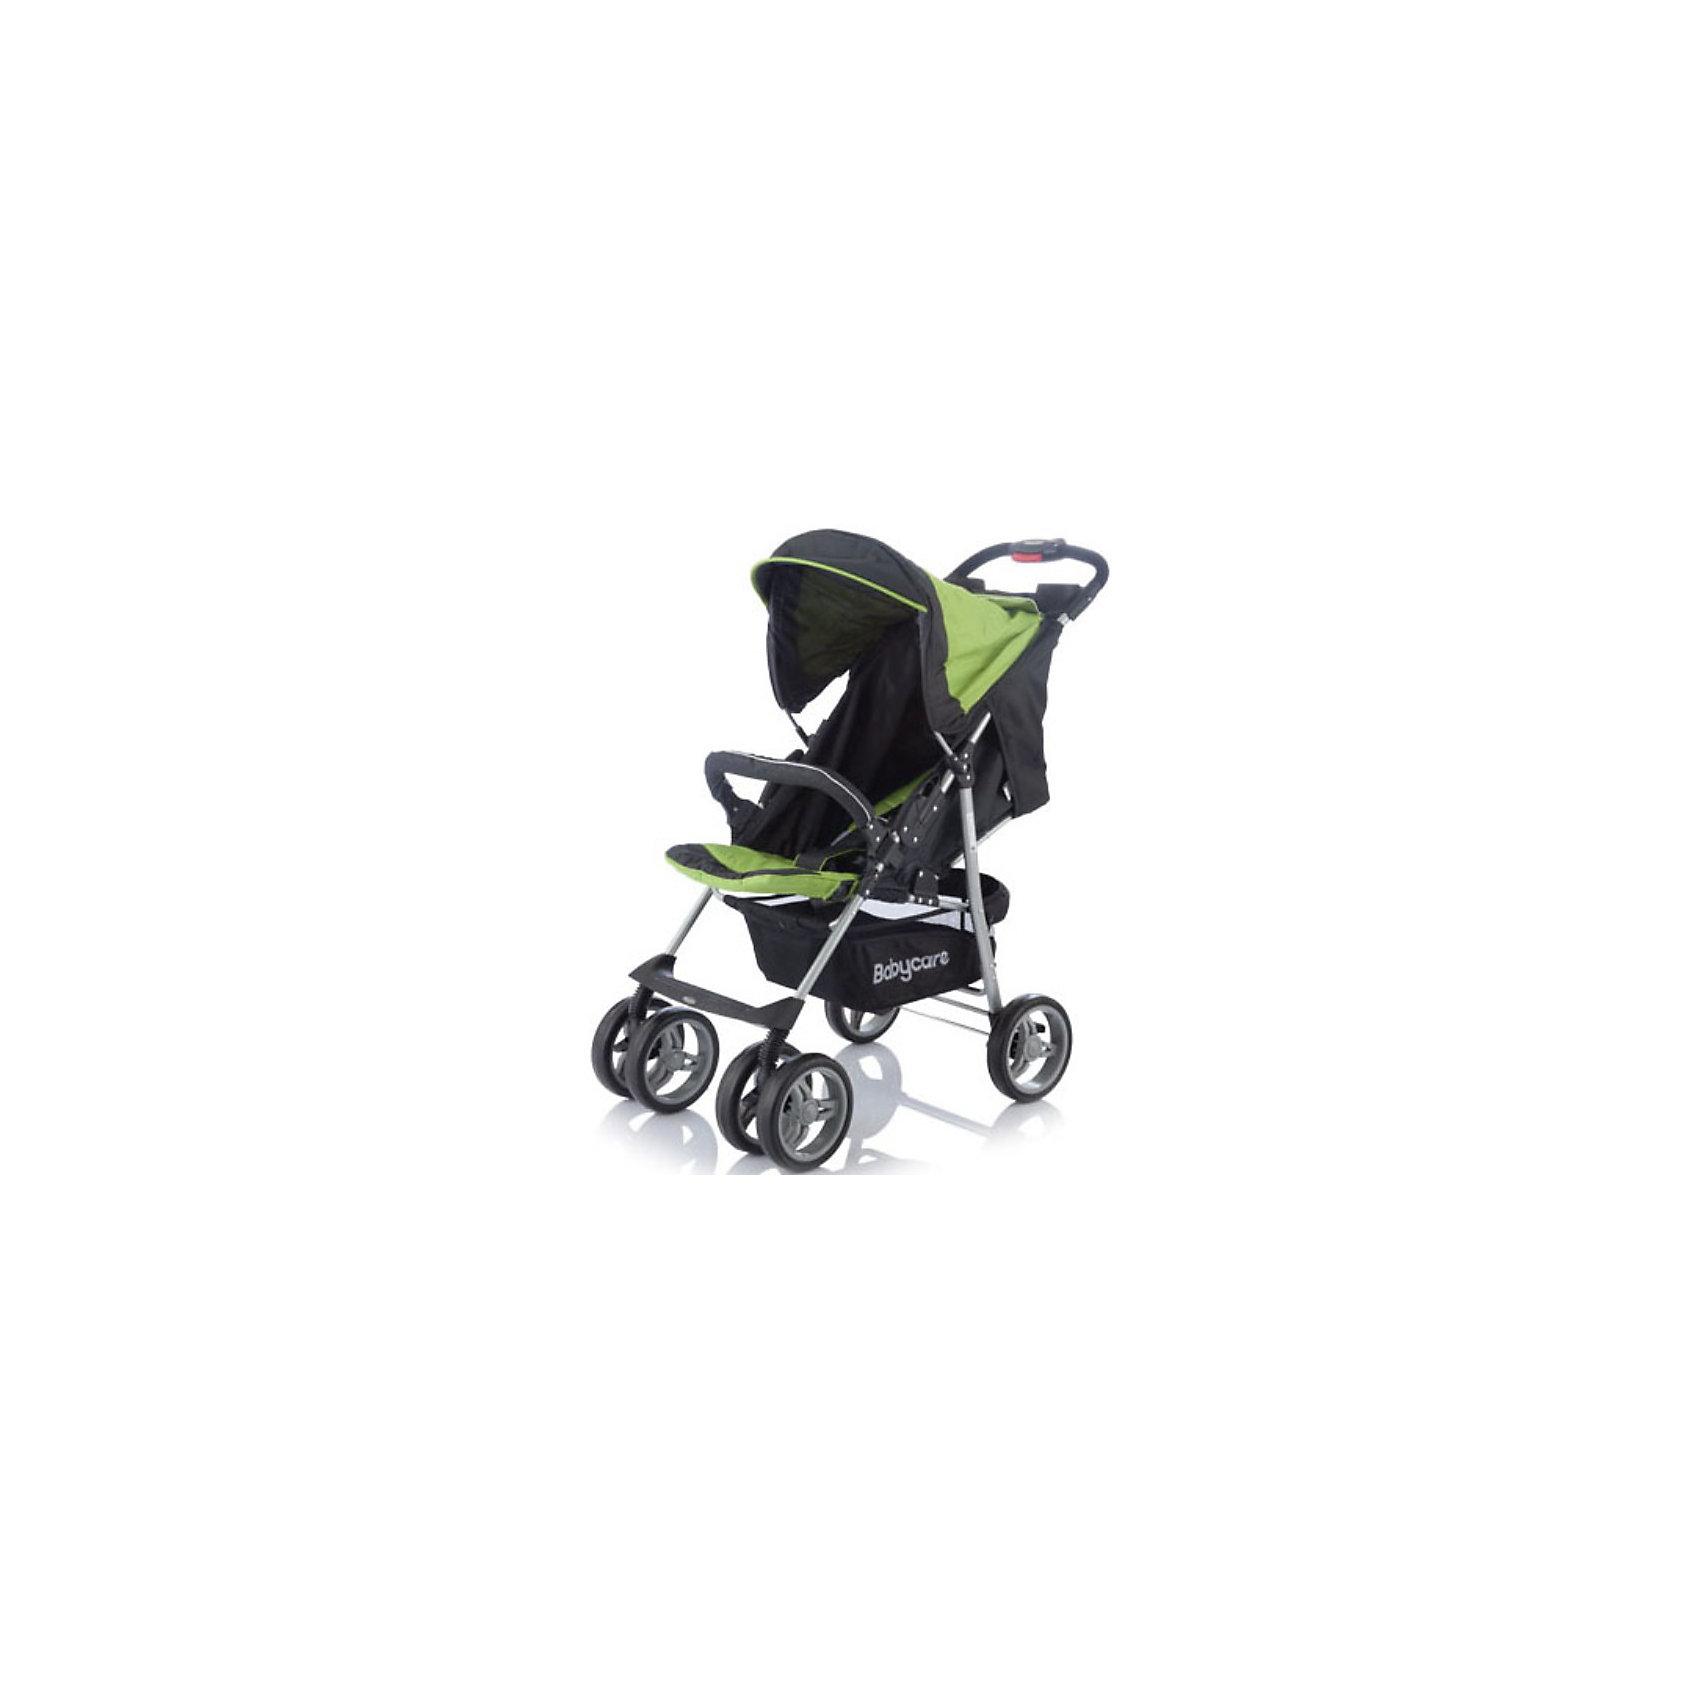 Прогулочная коляска Voyager, Baby Care, зеленый